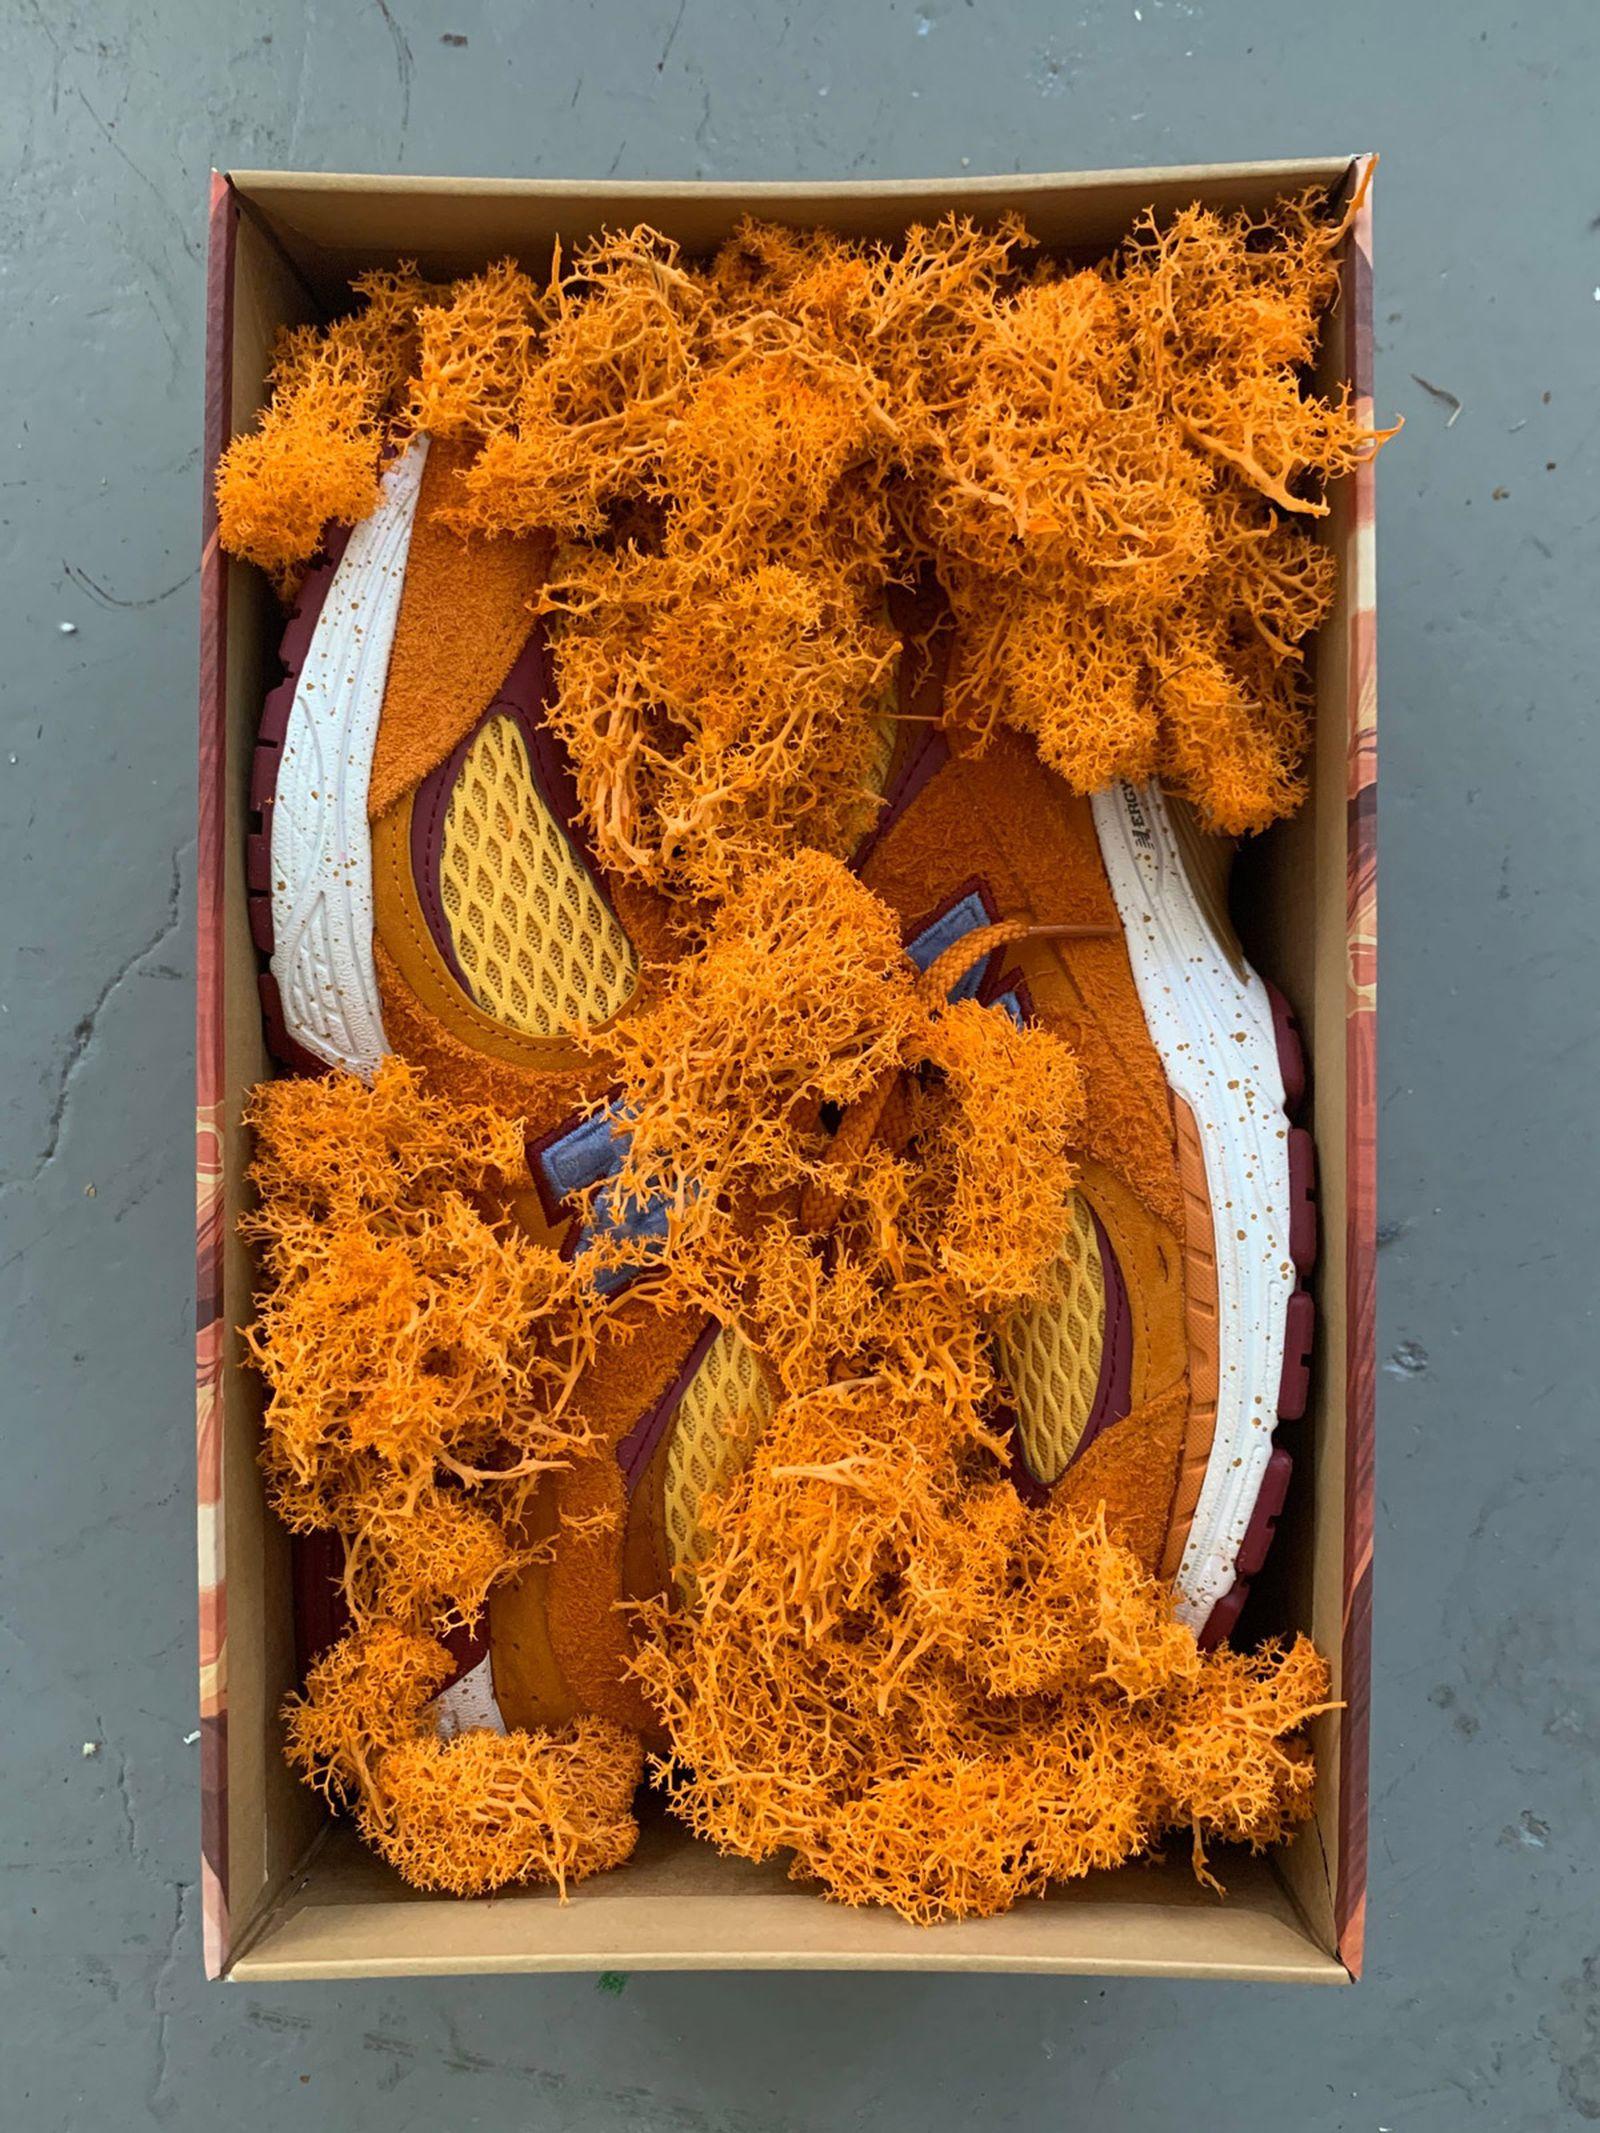 next-gen-sneakers-salehe-bembury-pioneered-luxury-sneakers-04